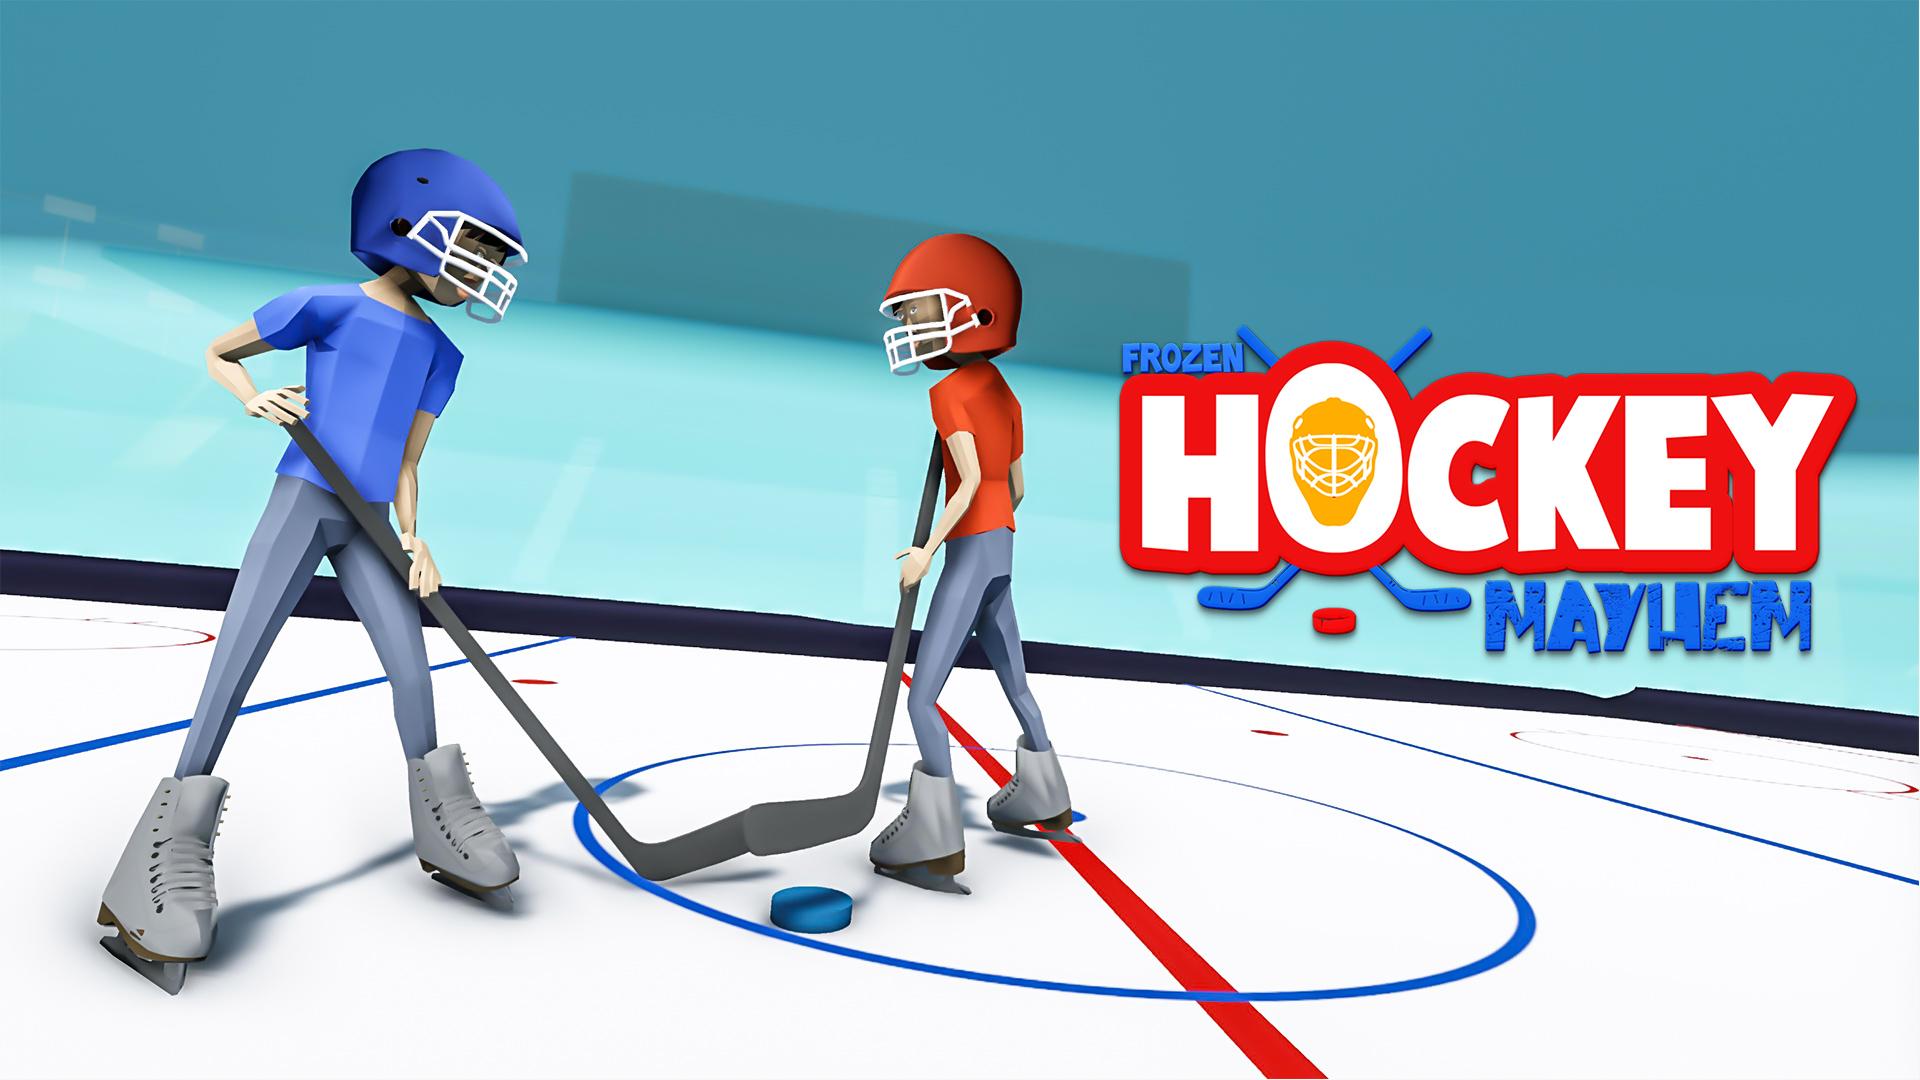 Ice Hockey Mayhem